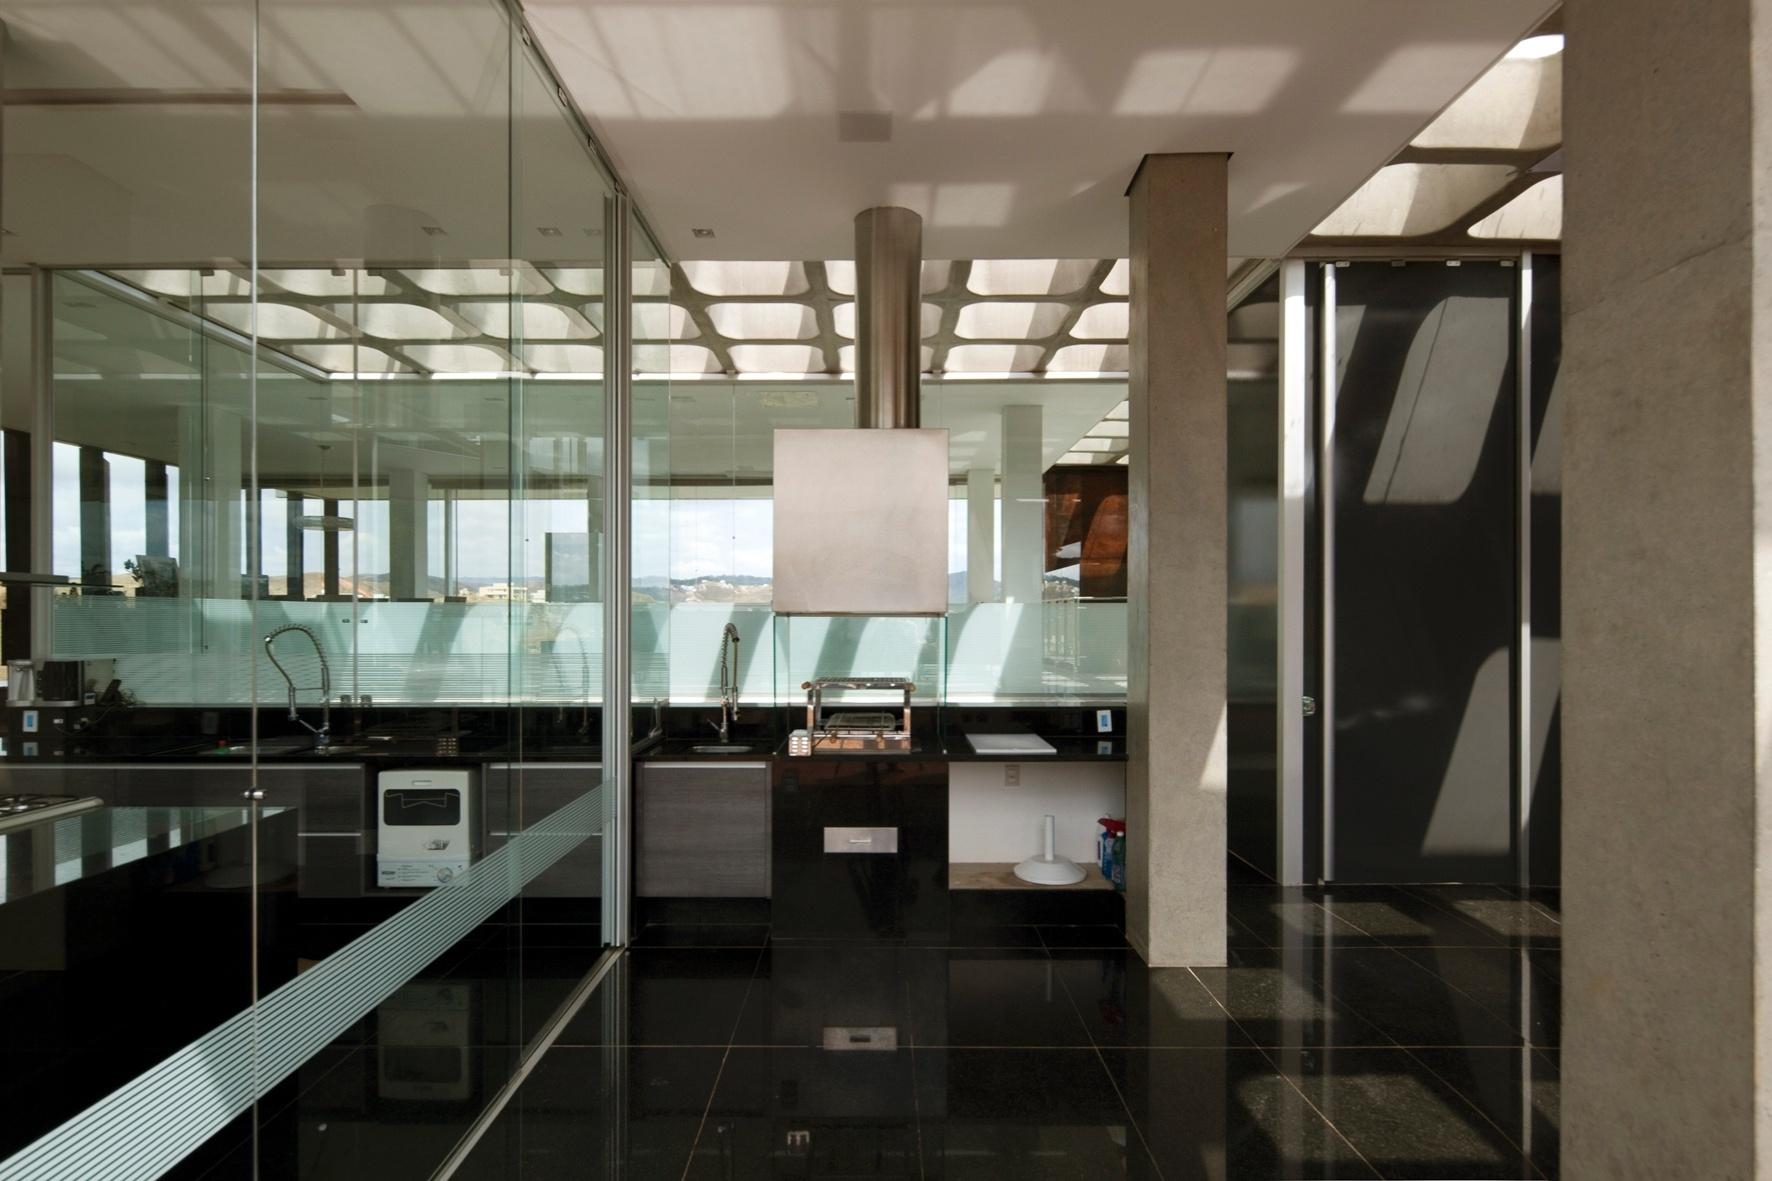 A cozinha da casa NB tem chão revestido por granito preto e - seguindo o padrão do restante da casa - abusa dos vidros. Localizada no volume social e frontal da construção, o ambiente está intimamente ligado à churrasqueira da residência. O projeto arquitetônico é de Alexandre Brasil e Paula Zasnicoff, do escritório Arquitetos Associados